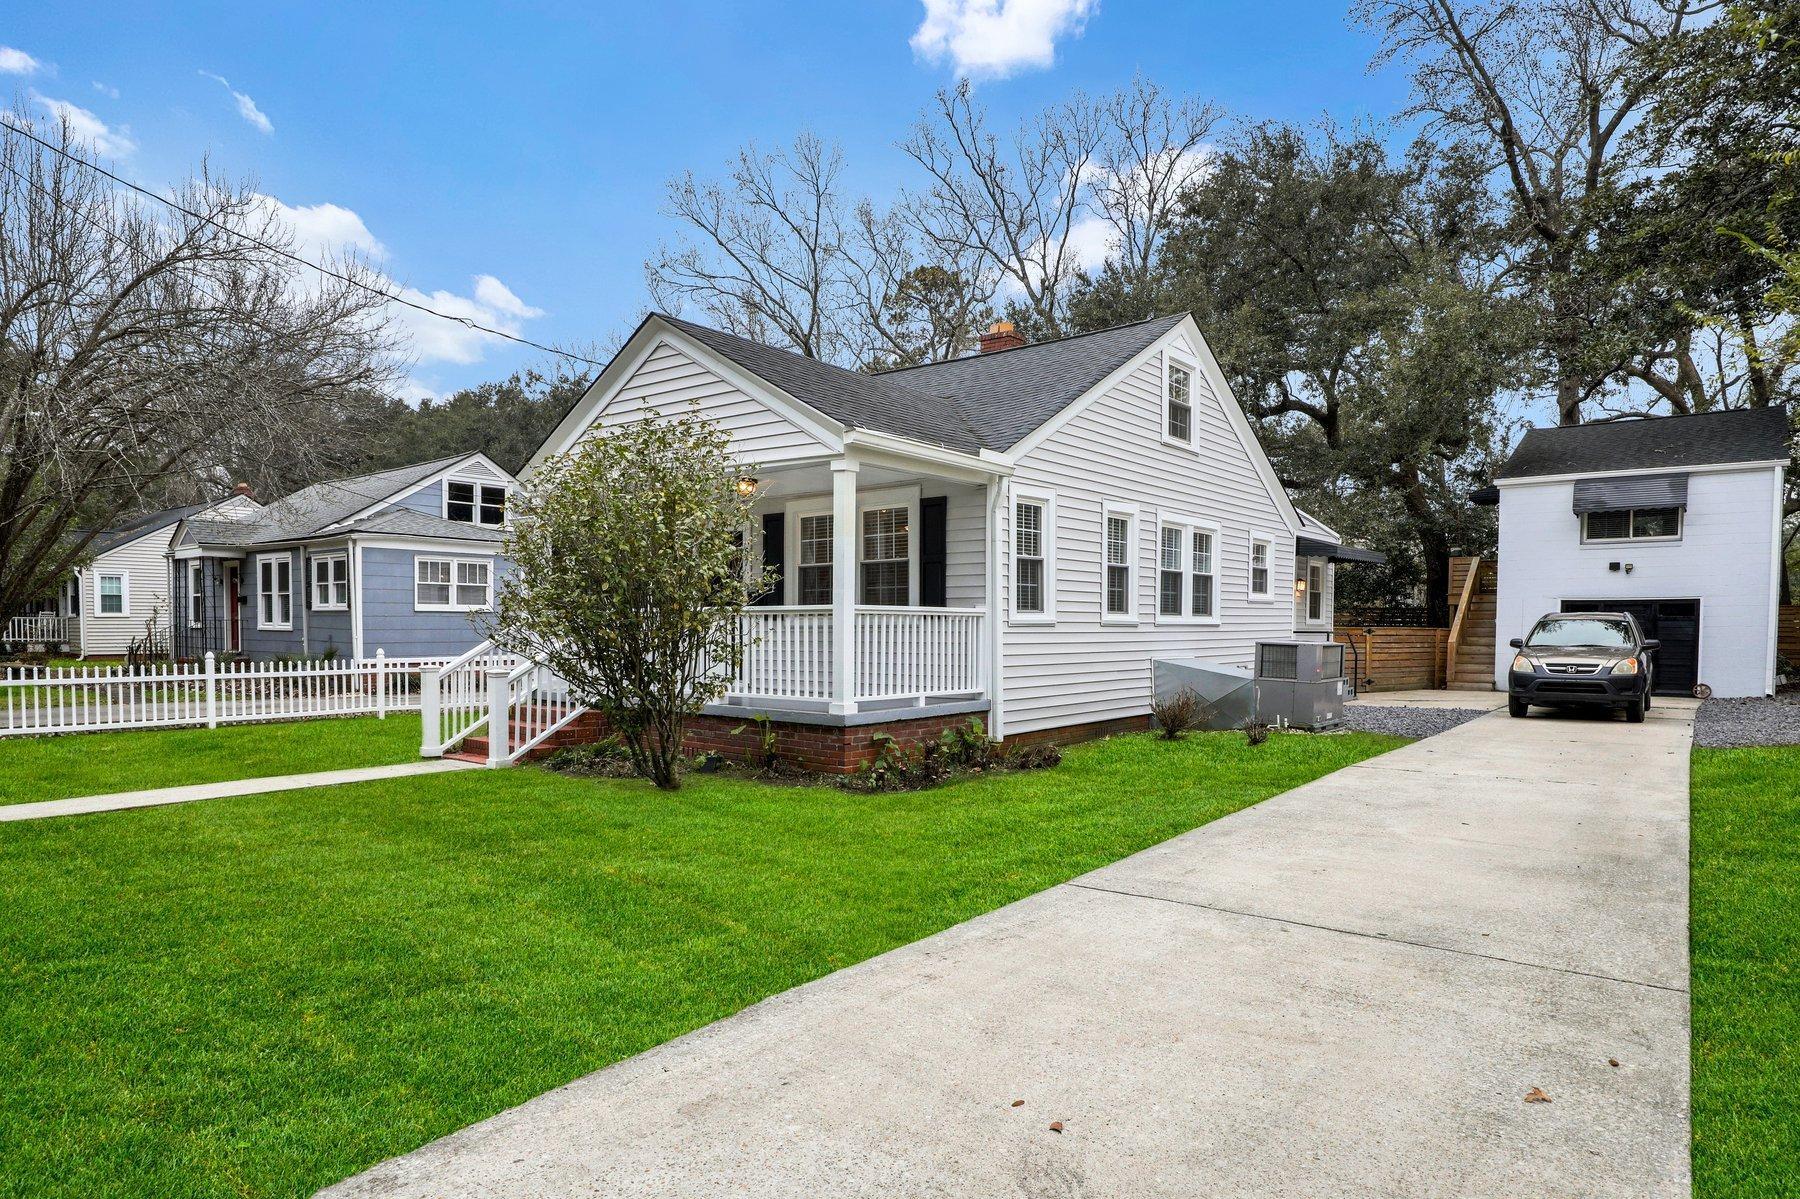 Avondale Homes For Sale - 57 Avondale, Charleston, SC - 1